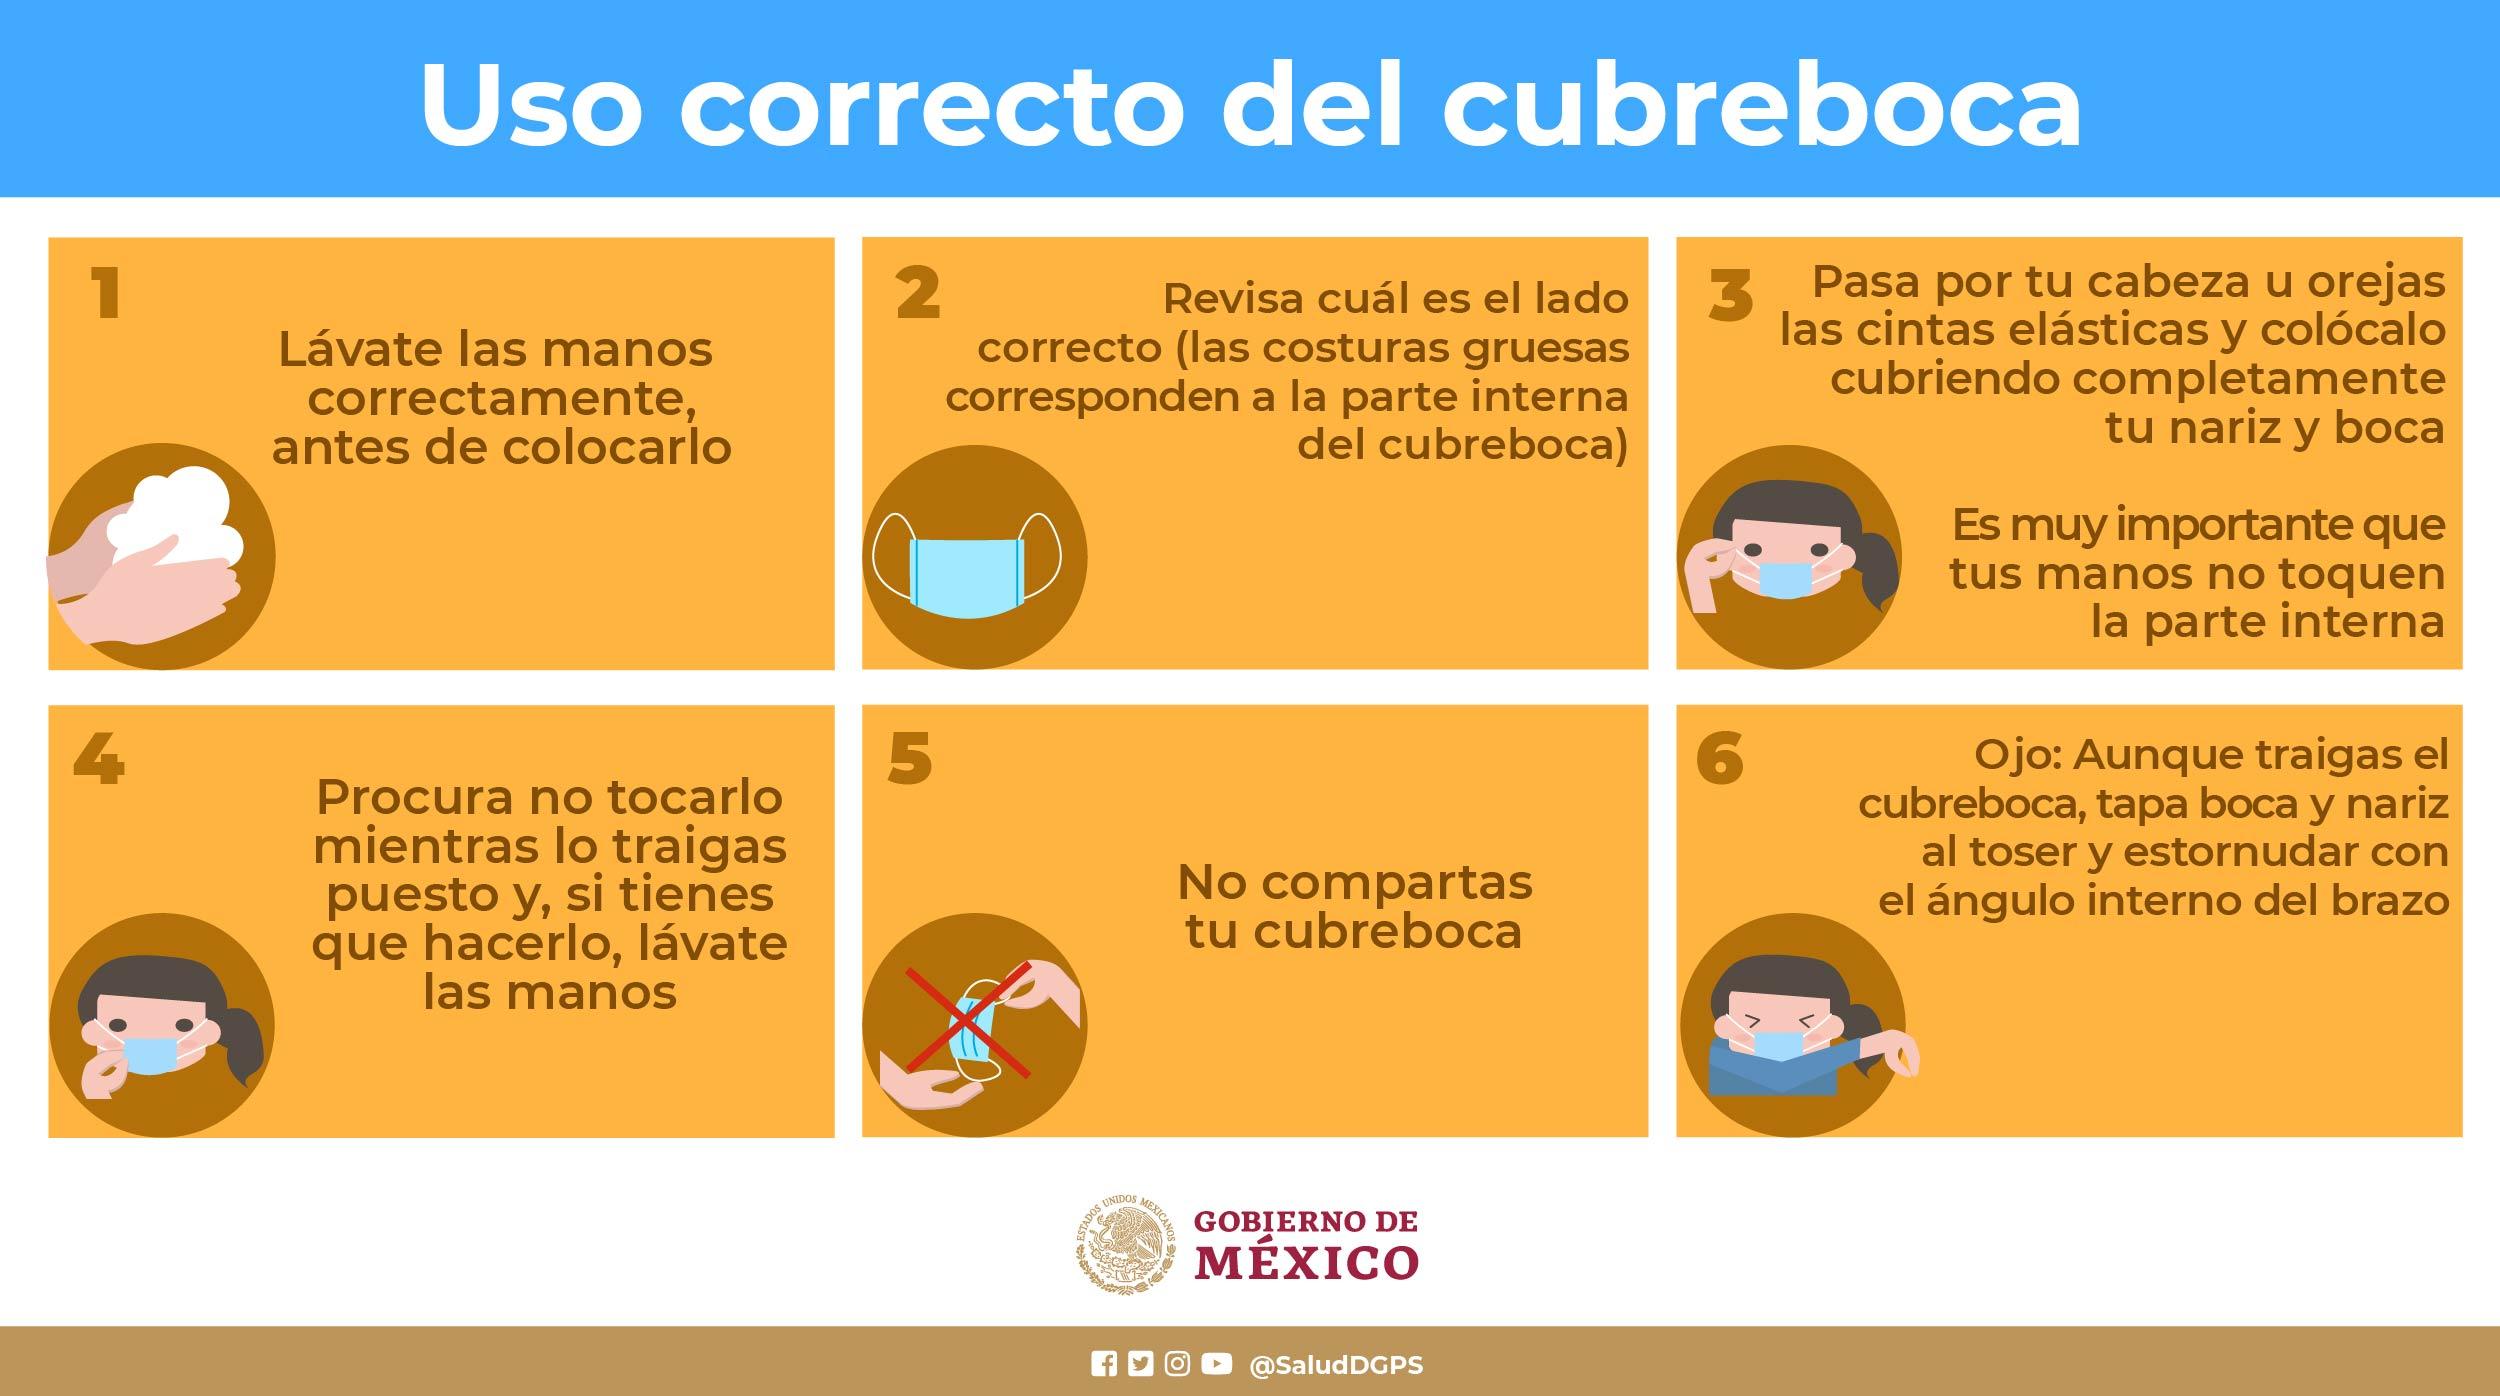 Sirve usar cubrebocas contra el coronavirus? el subsecretario de salud de México lo explica - Infobae